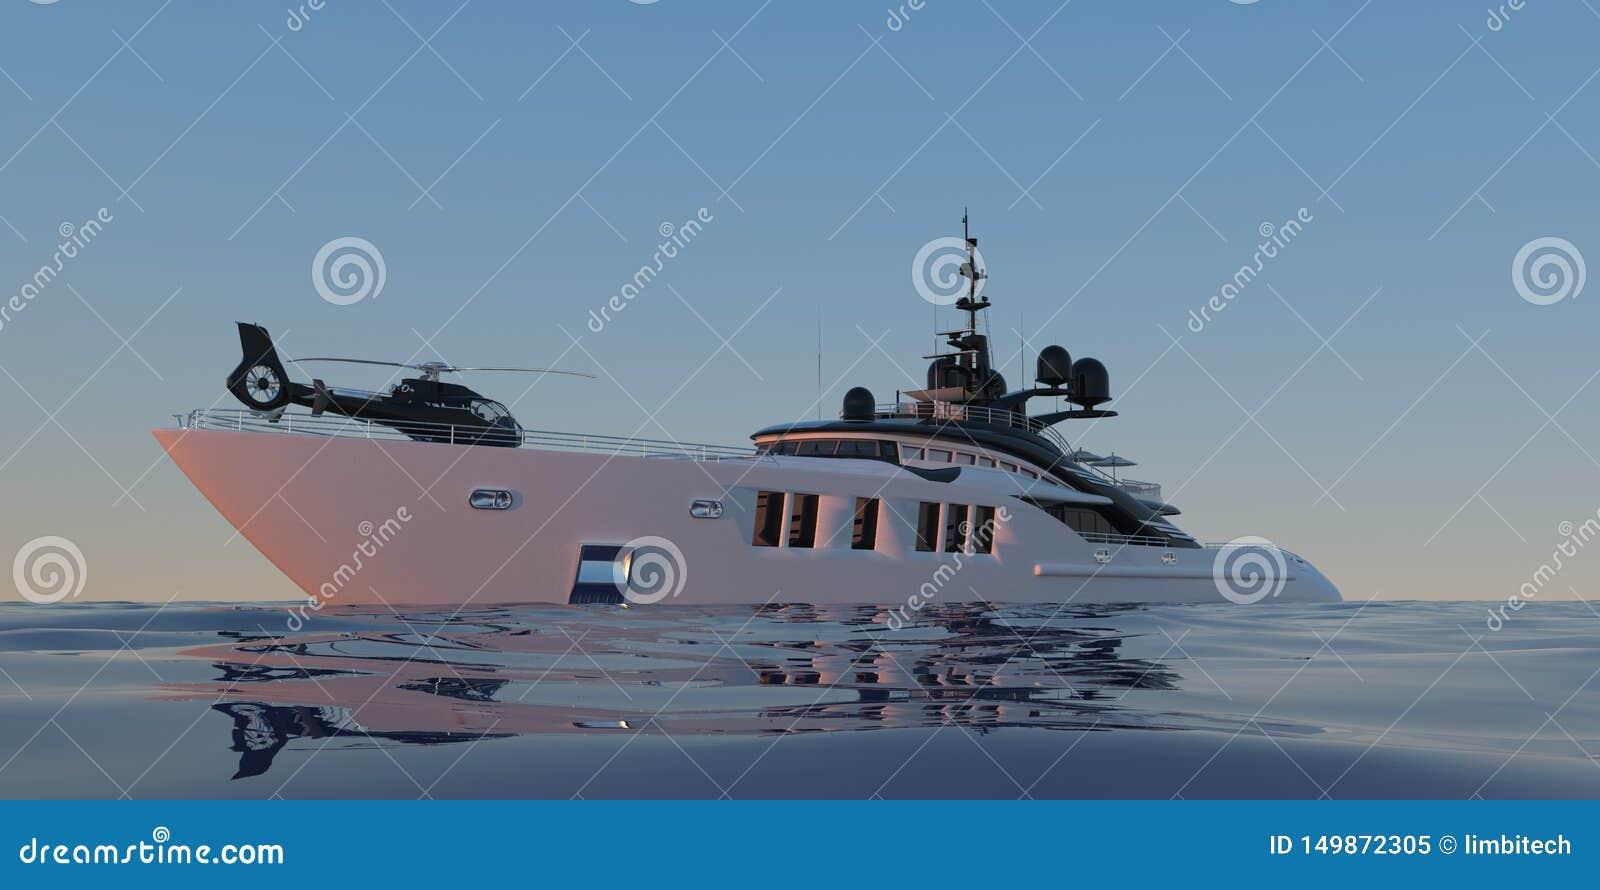 Иллюстрация 3d весьма детального и реалистического высокого разрешения photorealistic роскошной супер яхты